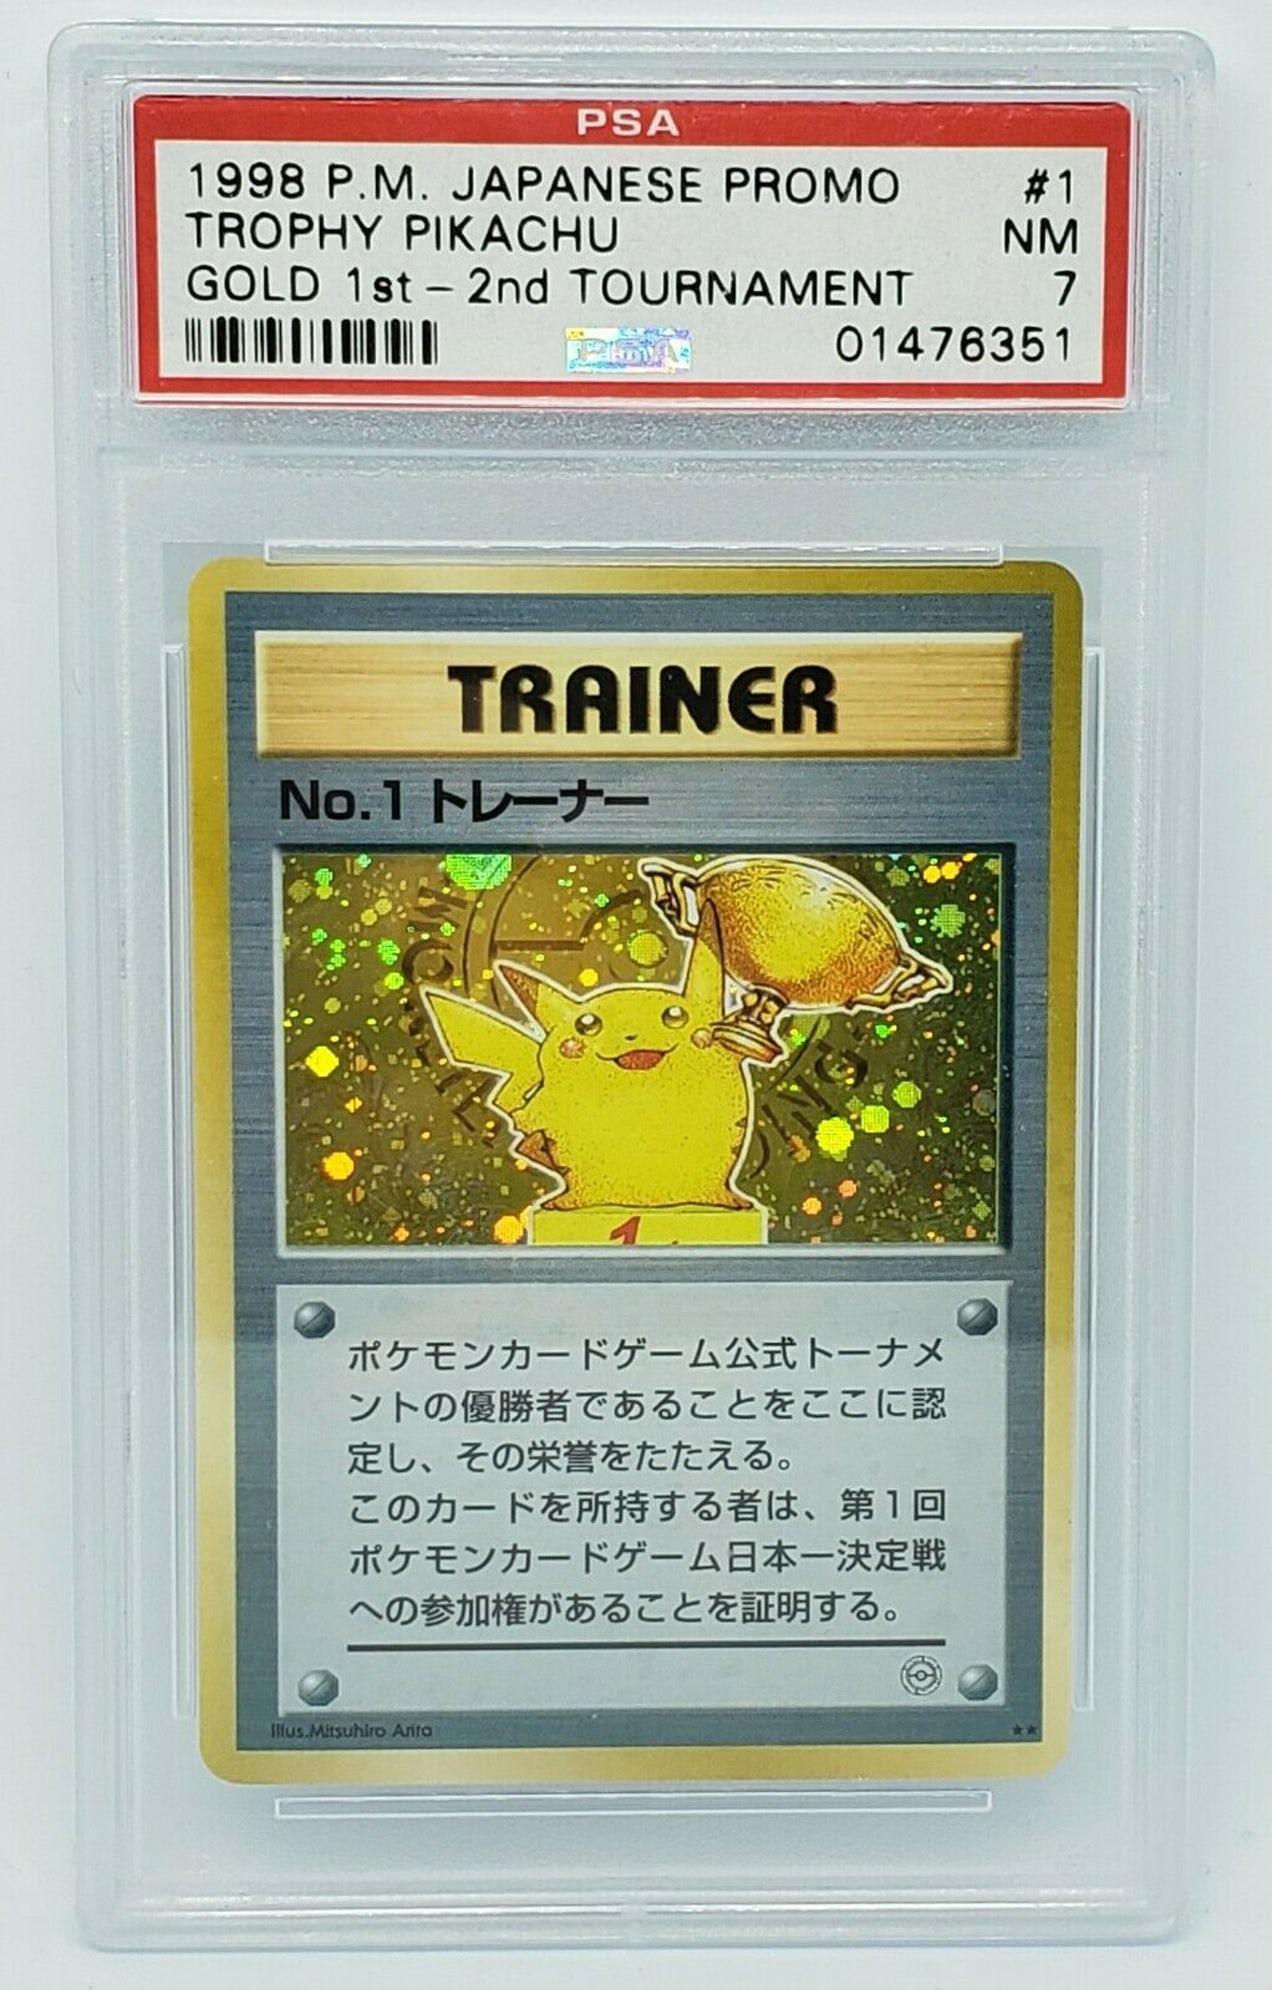 No.1 Trainer Promo Card